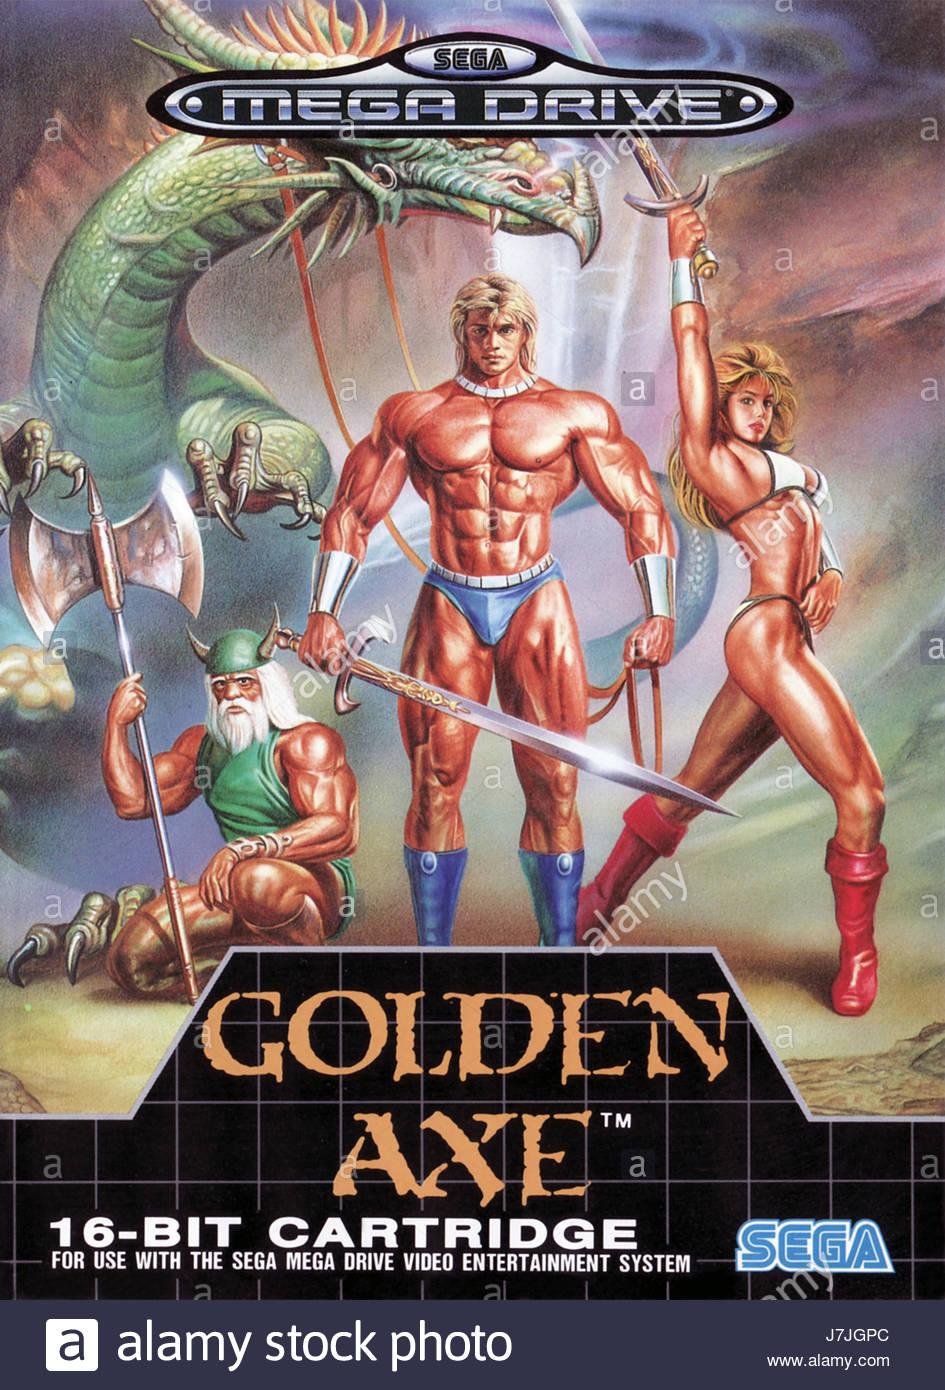 Golden Axe on Sega Genesis original box art photograph Stock